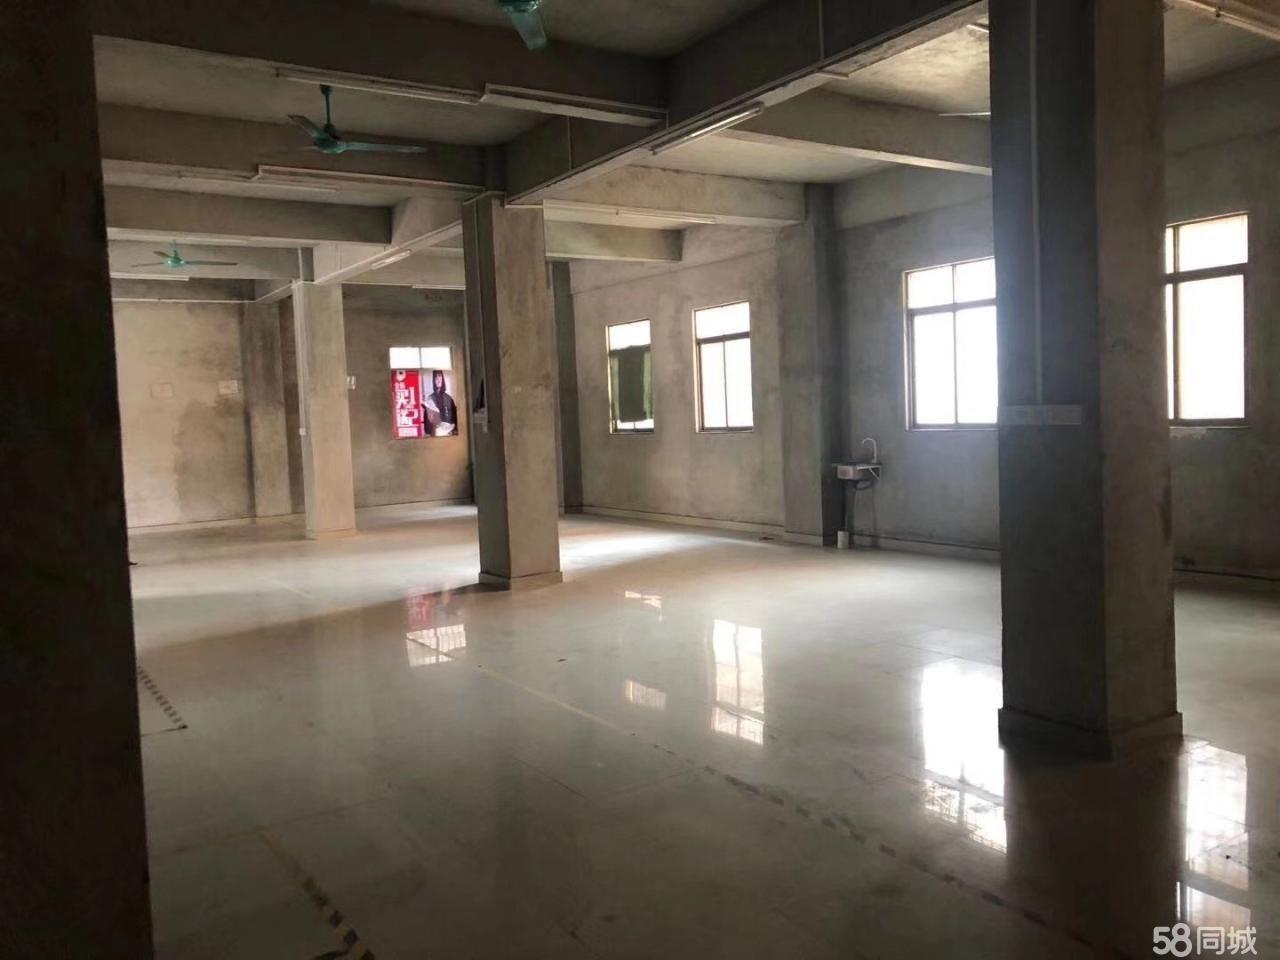 花都区新雅街道镜湖大道旁可做办公小加工独栋厂房仓库出租